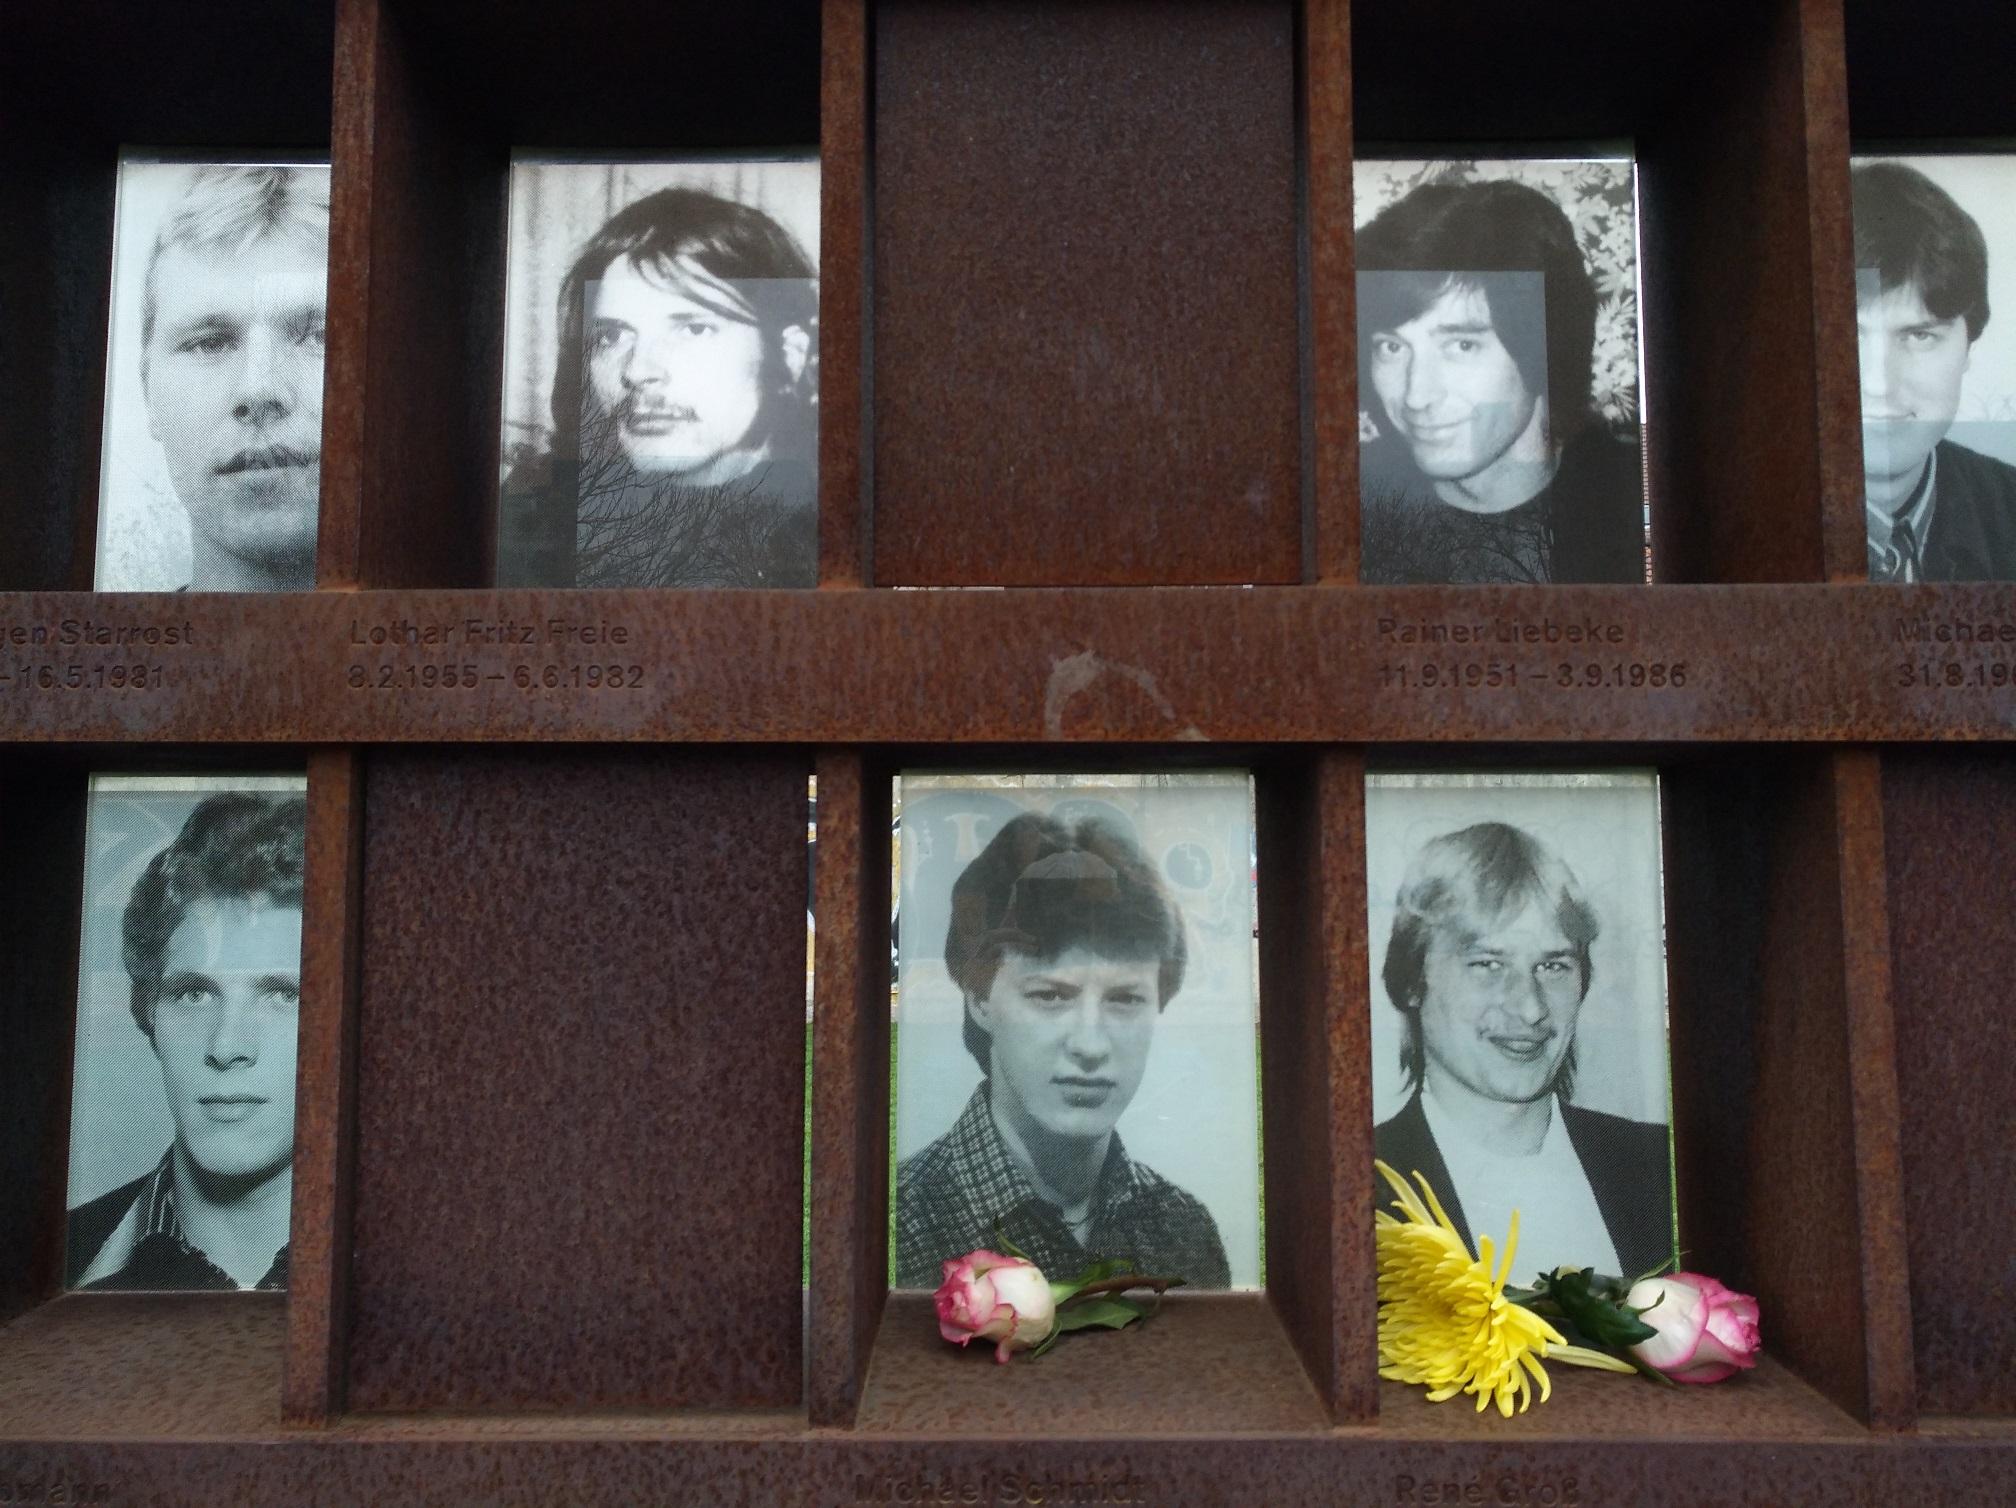 Memoriale delle persone uccise nel tentativo di superare il confine tra Berlino Est e Berlino Ovest all'epoca del muro. Foto di Paola Gemelli